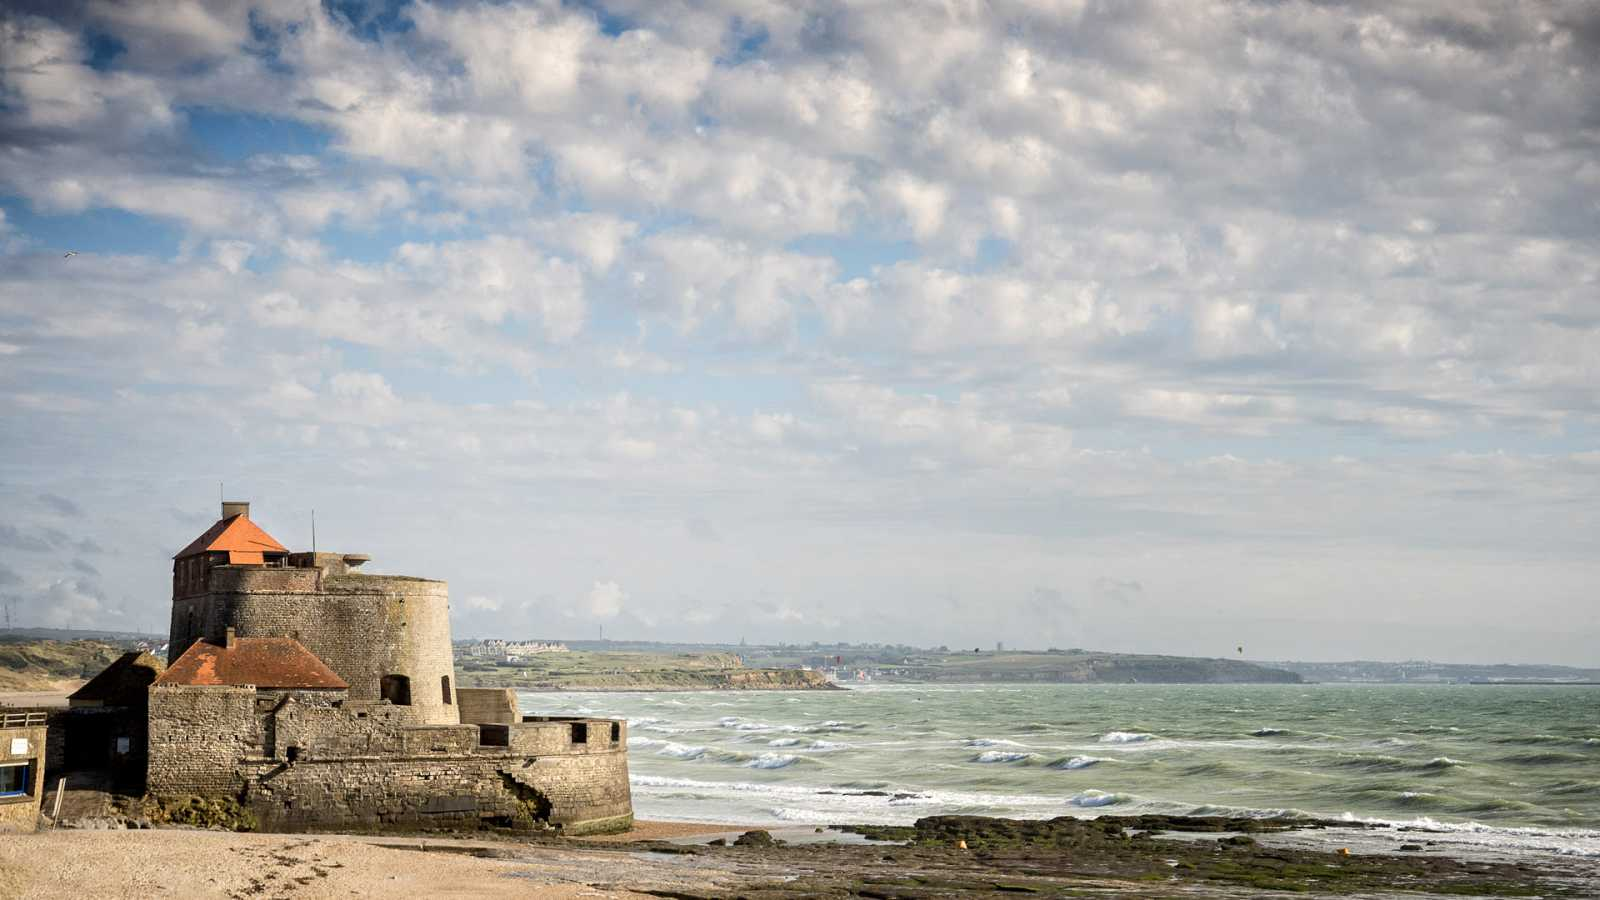 Viento fuerte en Menorca, Pirineos, Castellón y sur de Tarragona - ver ahora